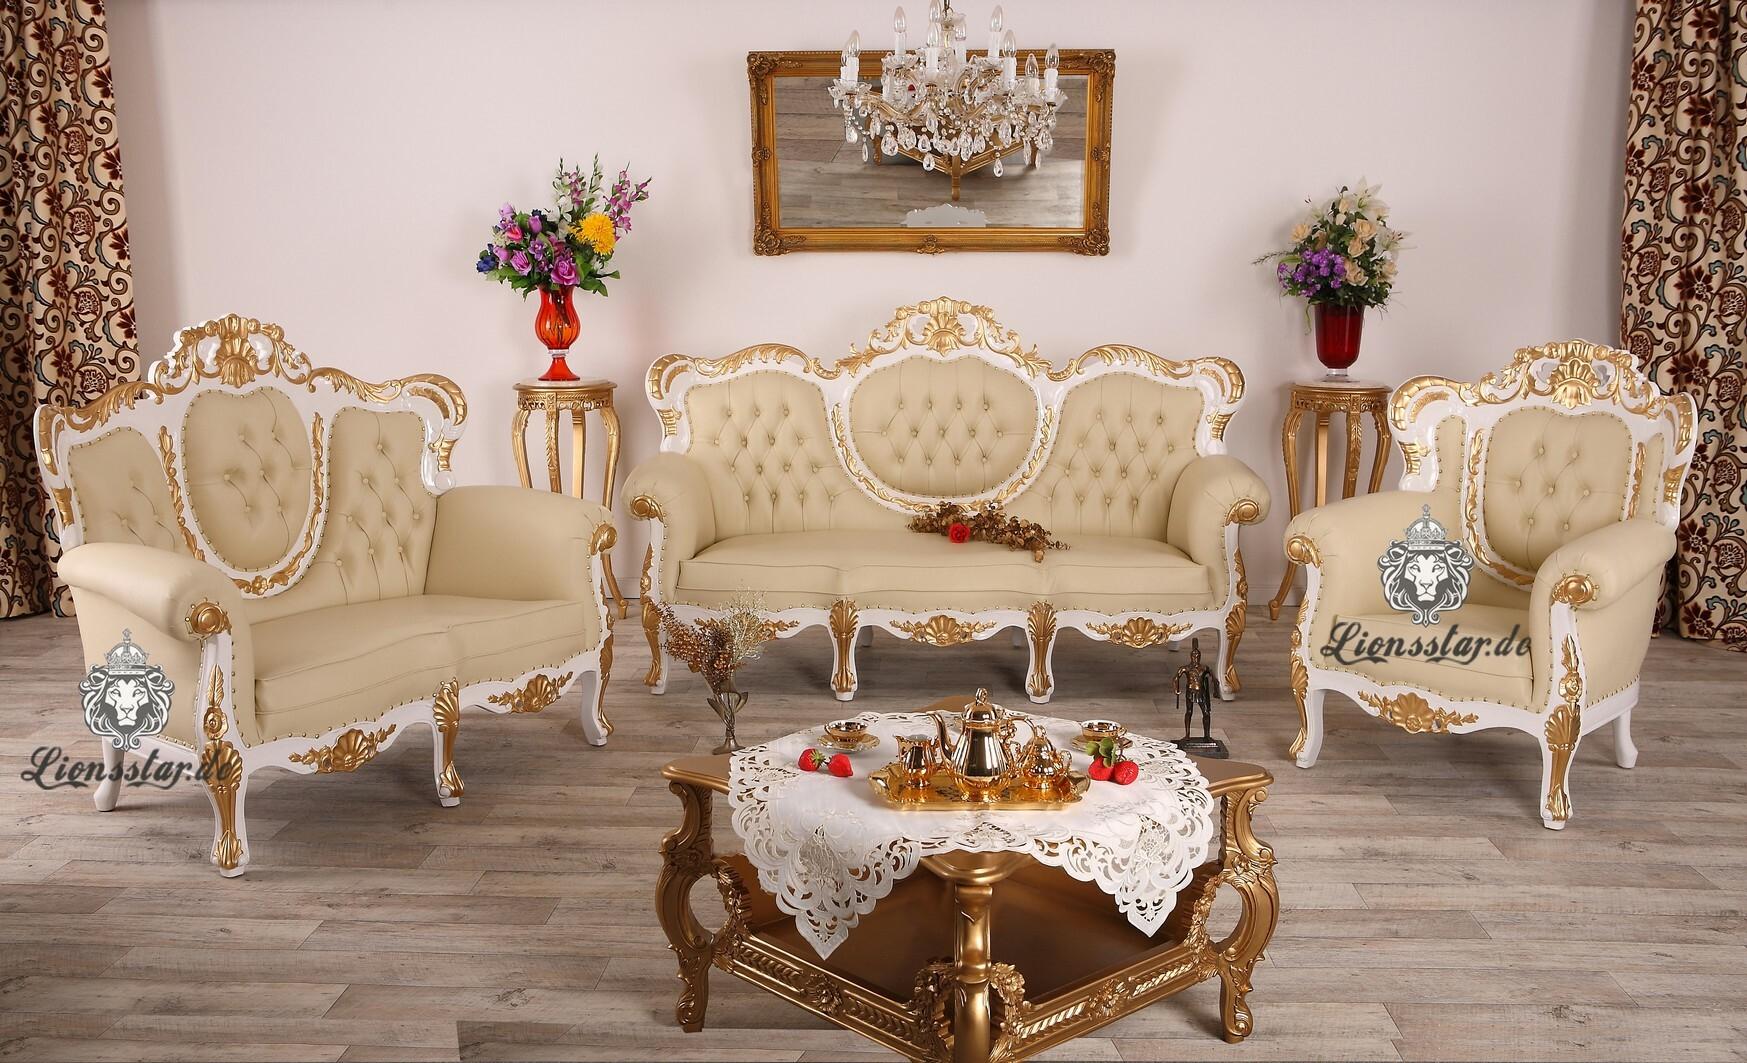 Sofagarnitur Weiß Gold